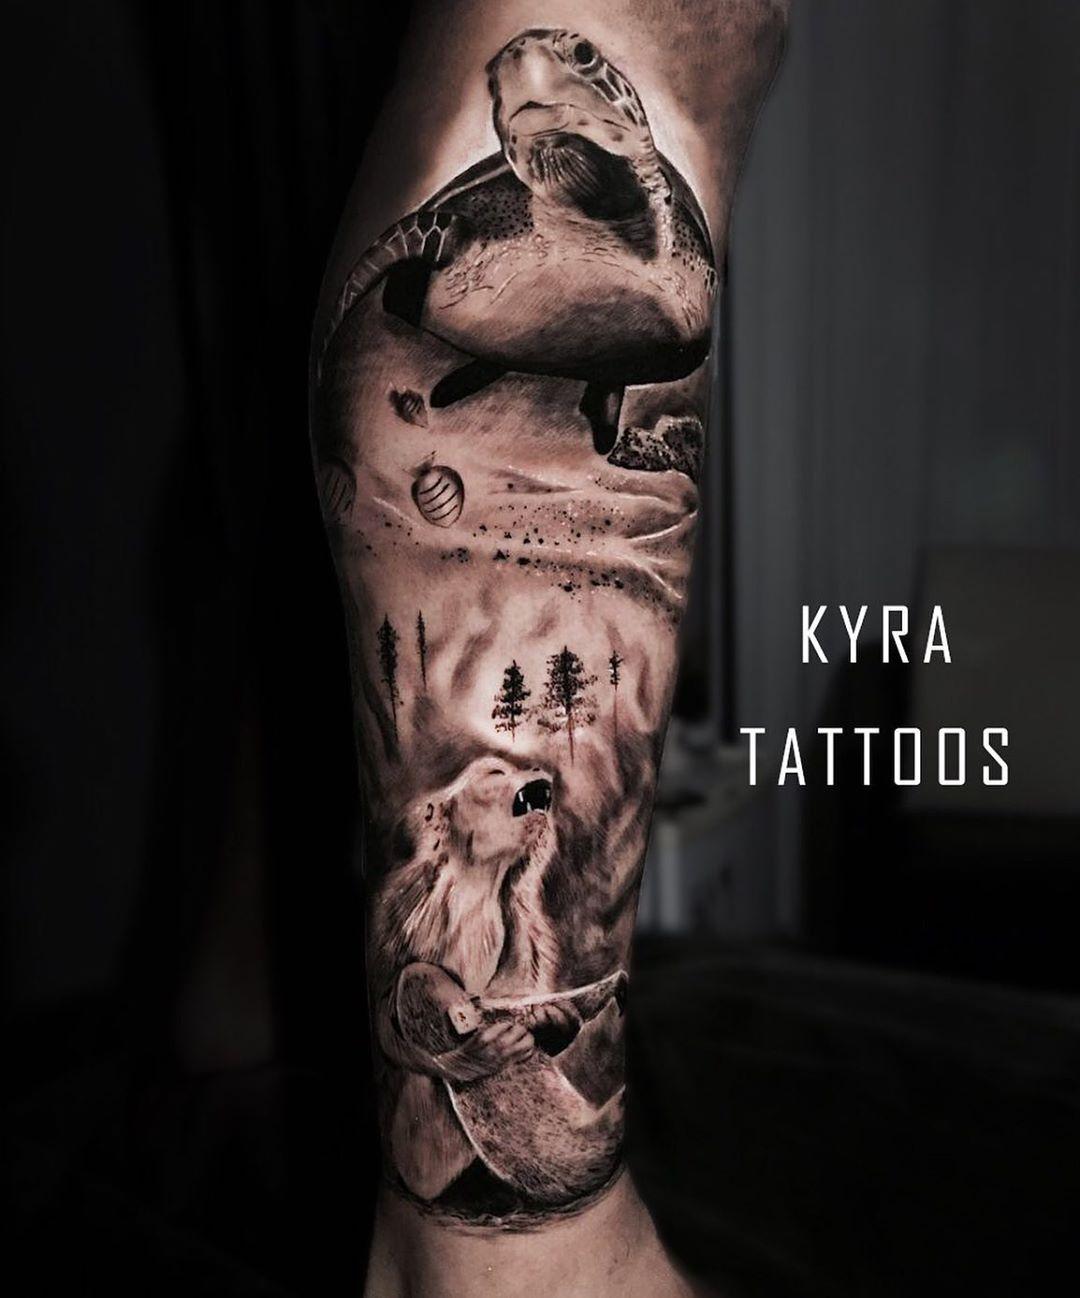 Ideia da tatuagem foi do cliente, trouxe algumas informações e imagem fizemos a montagem correta.  Fechamos a lateral da panturrilha em uma sessão 🔥 . . . .  #realismtattoo #blackandgreytattoo #skingiants #tattooist #tattoolove #tattooed #tattoosleeve #tattoodesign  #tattoolover #tattooworld #tattoosofinstagram #tattoolovers #inked #tats